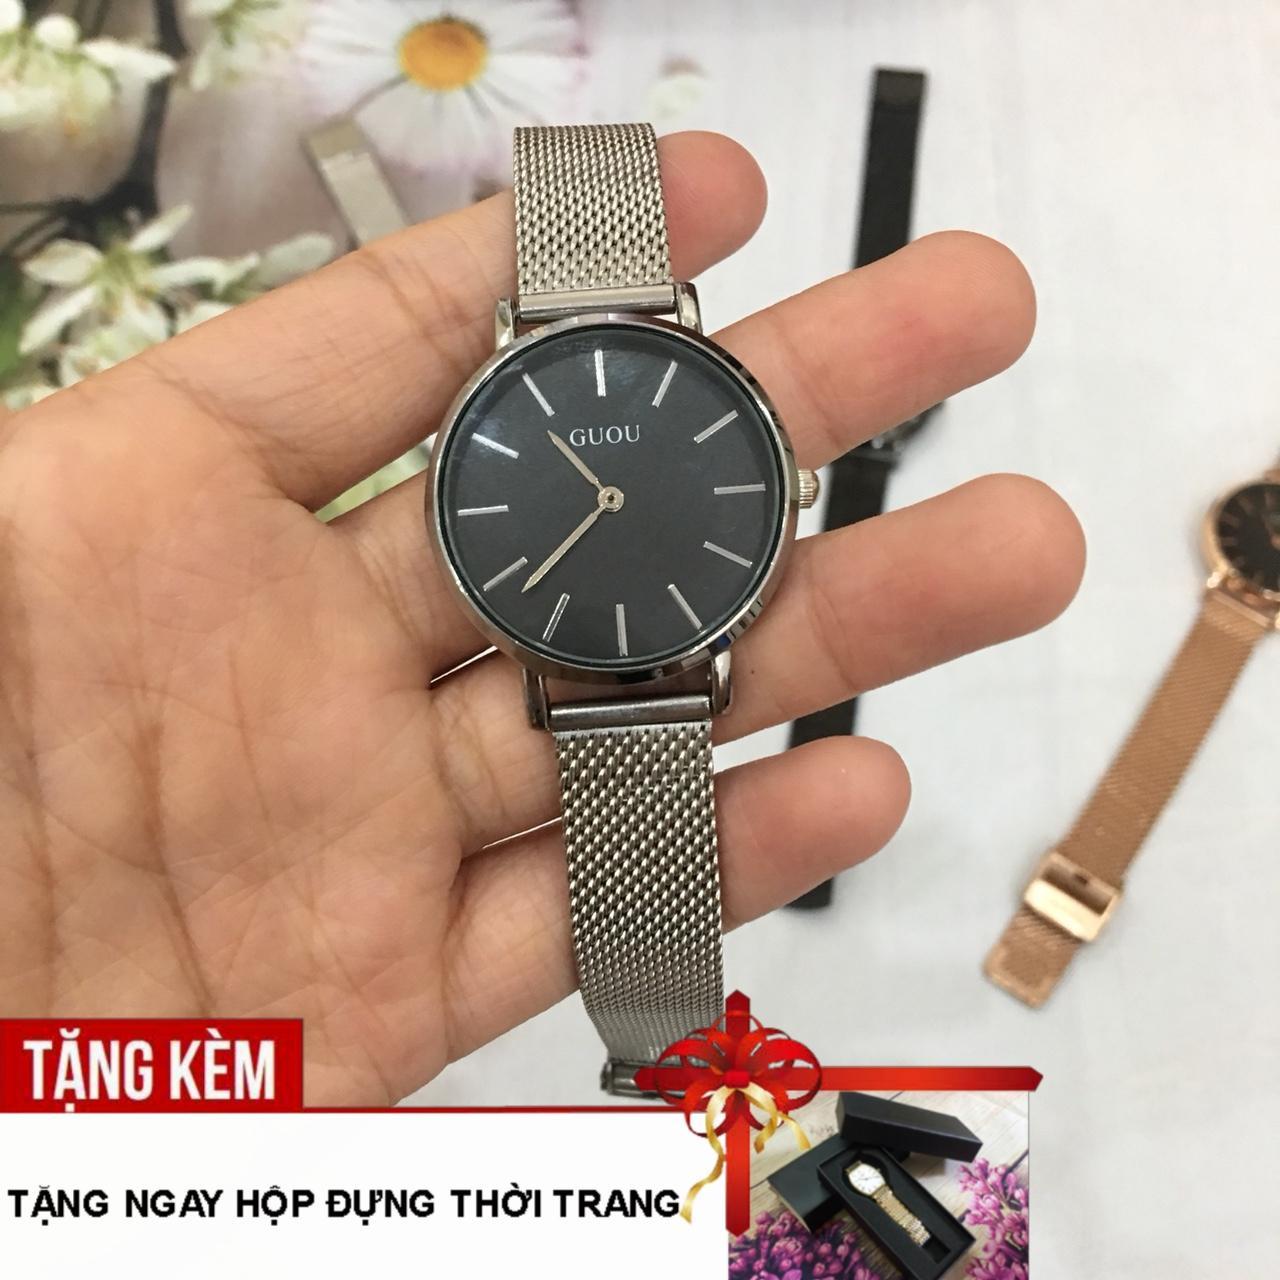 [RẺ ĐỪNG HỎI- TẶNG KÈM HỘP CAO CÂP] Đồng hồ nữ GUOU 2 kim chạy dây thép nhuyễn sang trọng G43-61 bán chạy